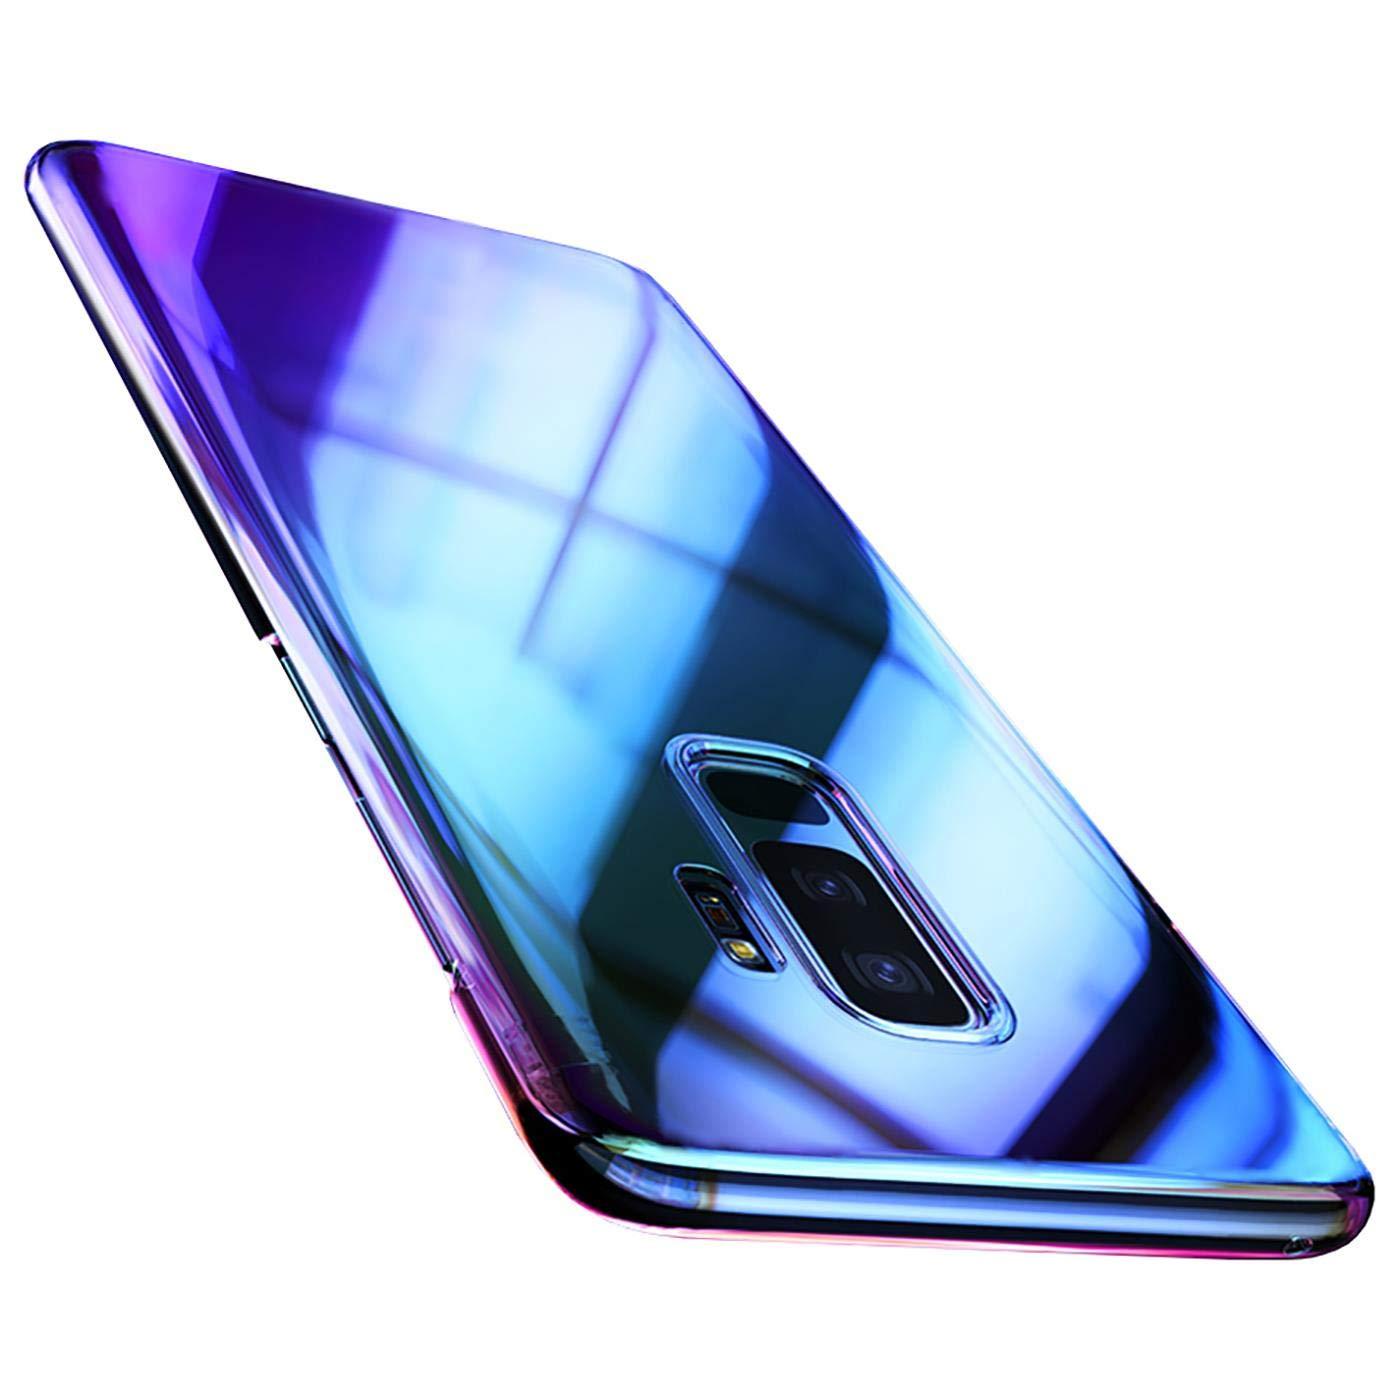 Verco Funda para Xiaomi Mi MAX 3 Carcasa Ultra Delgado Juego de Colores Protecci/ón Funda